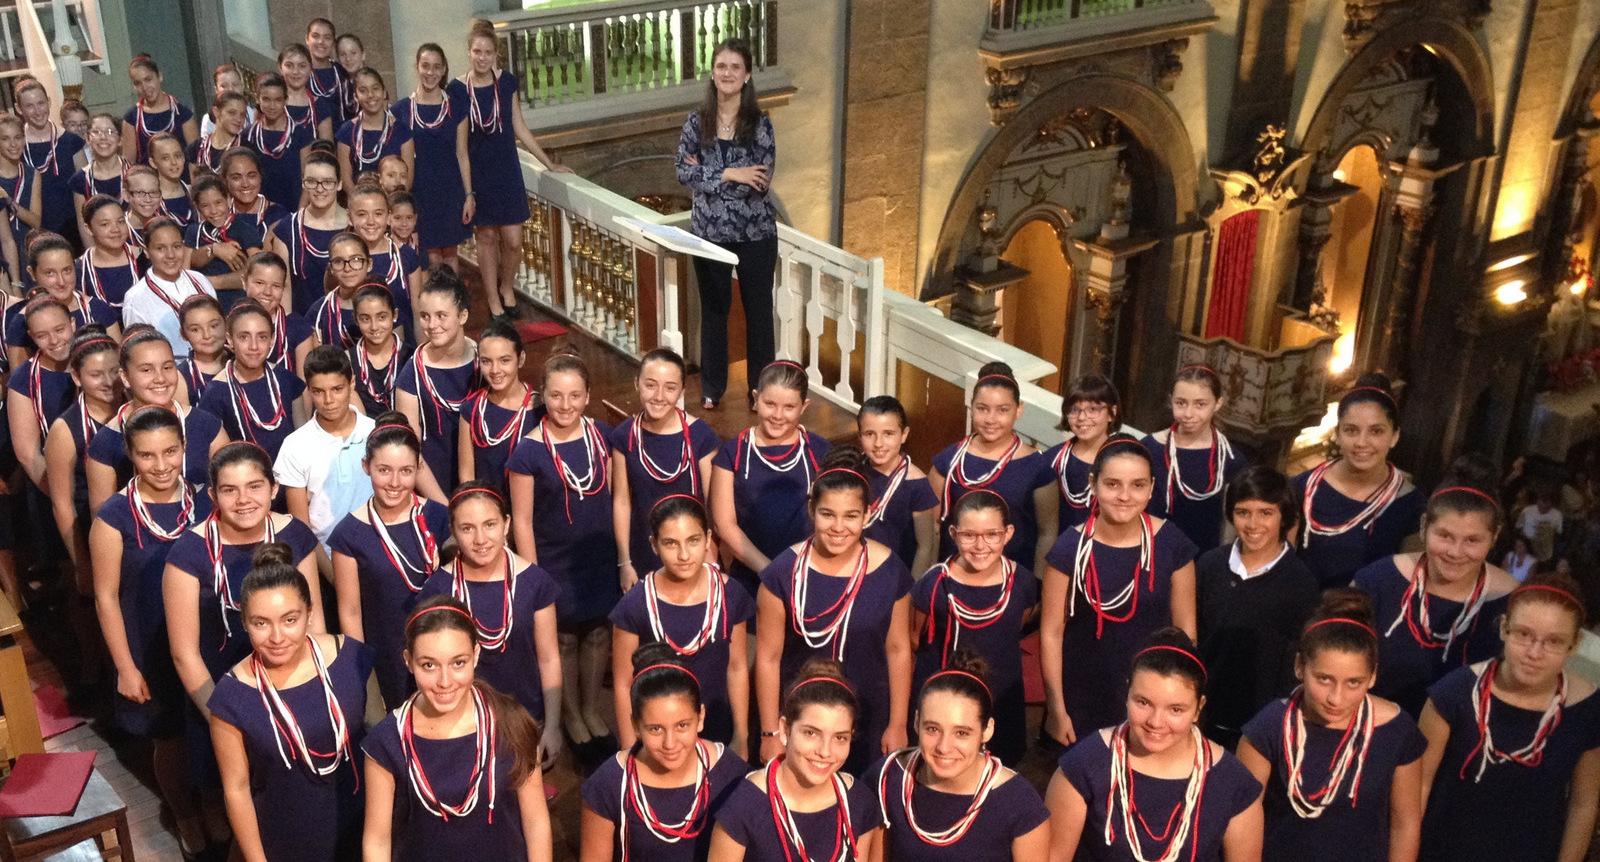 Coro de Pequenos Cantores de Esposende  em Concerto de Natal